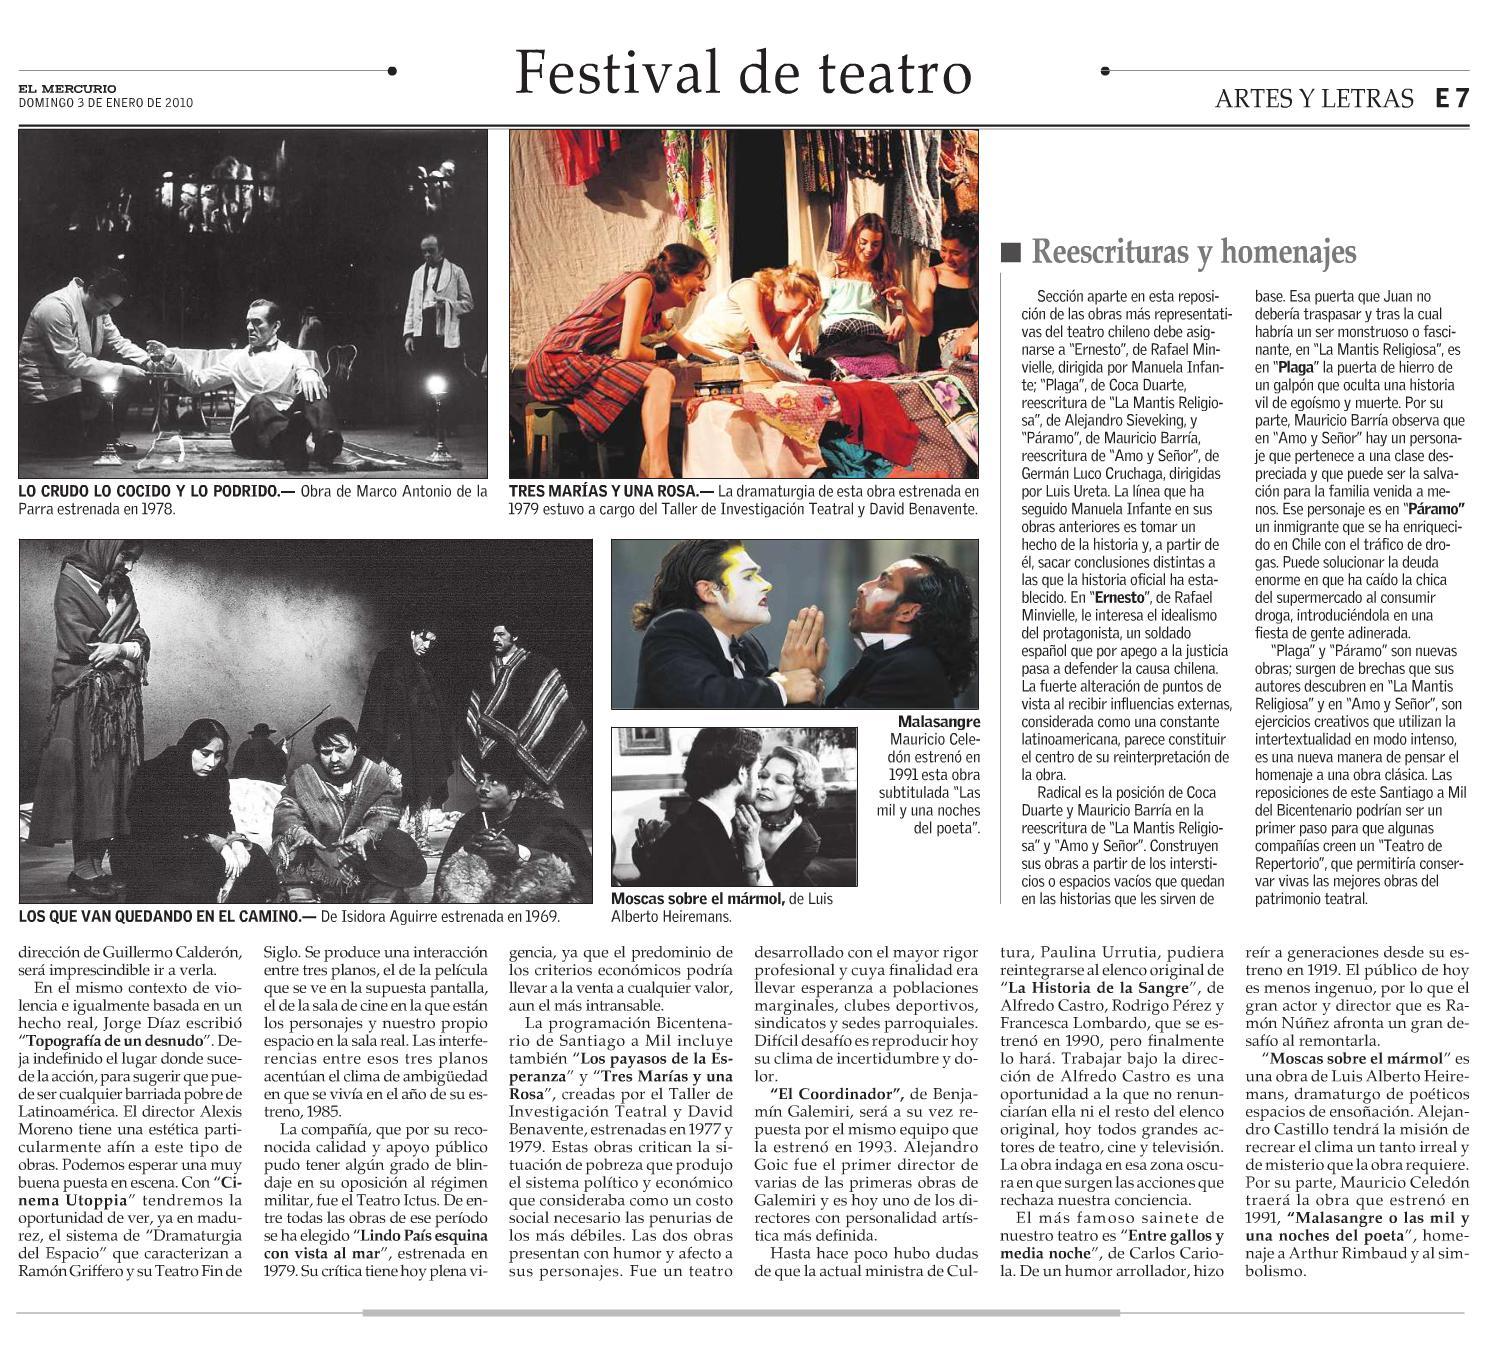 El Mercurio. Artes y letras. 03.01.10. pgE7